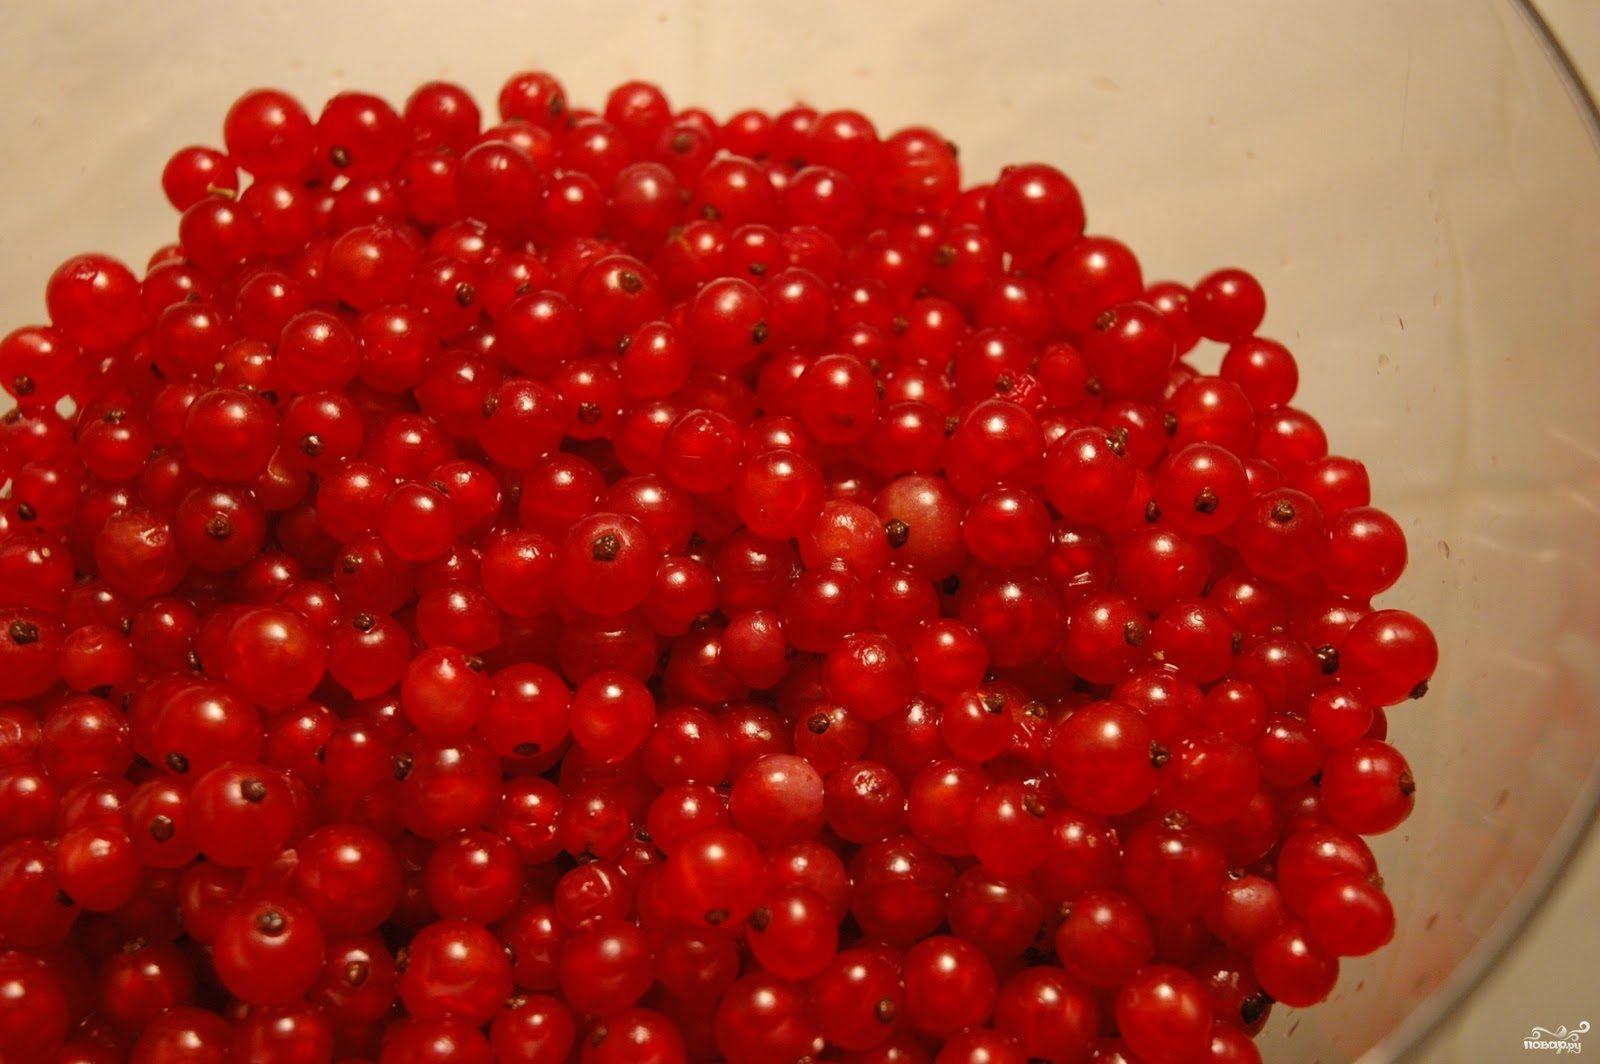 Рецепт Красная смородина протертая с сахаром